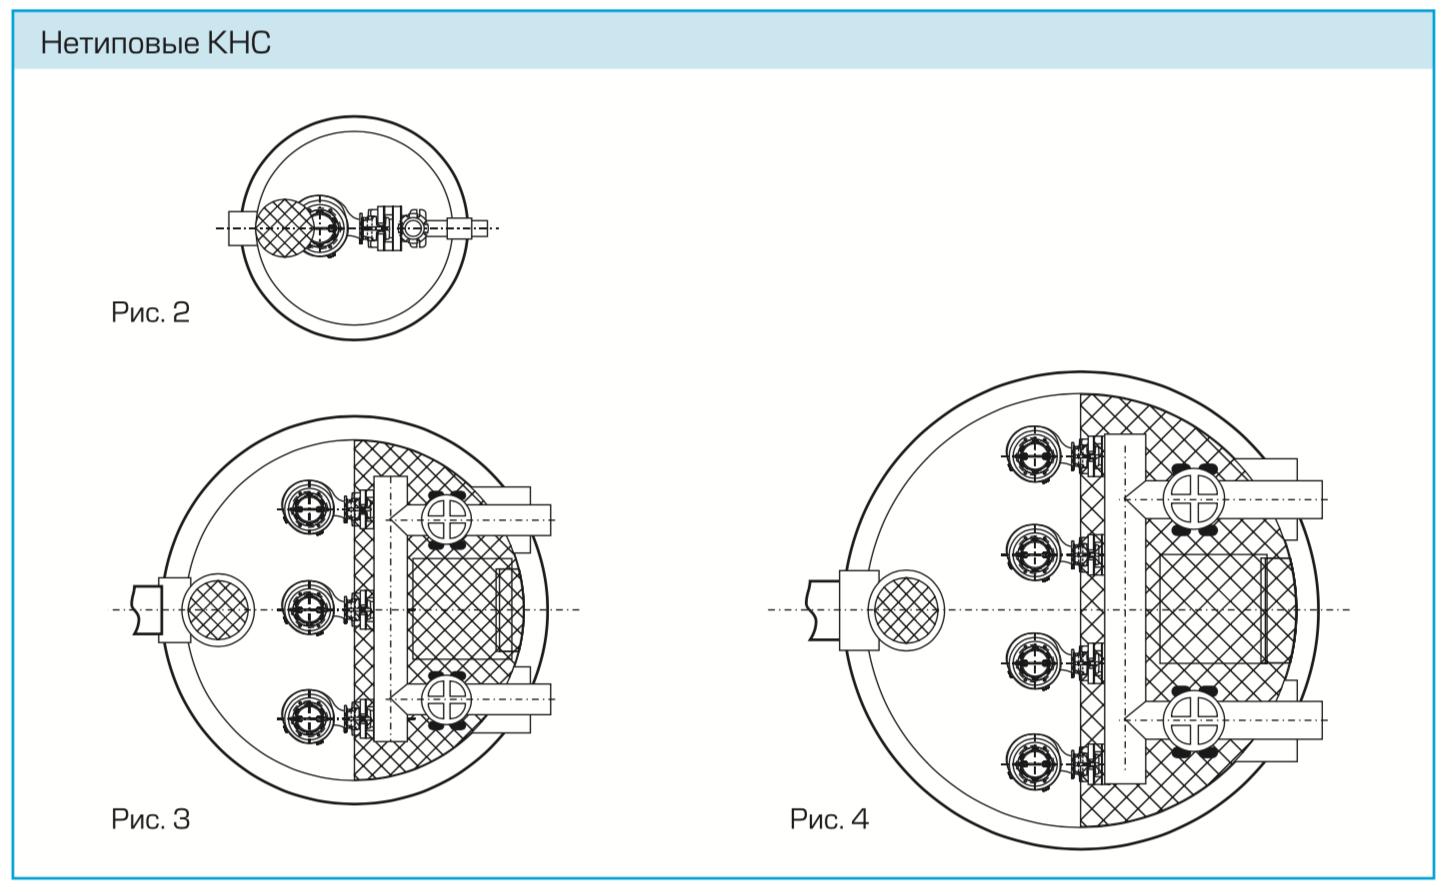 Нетиповой проект КНС от 1 до 4 насосов